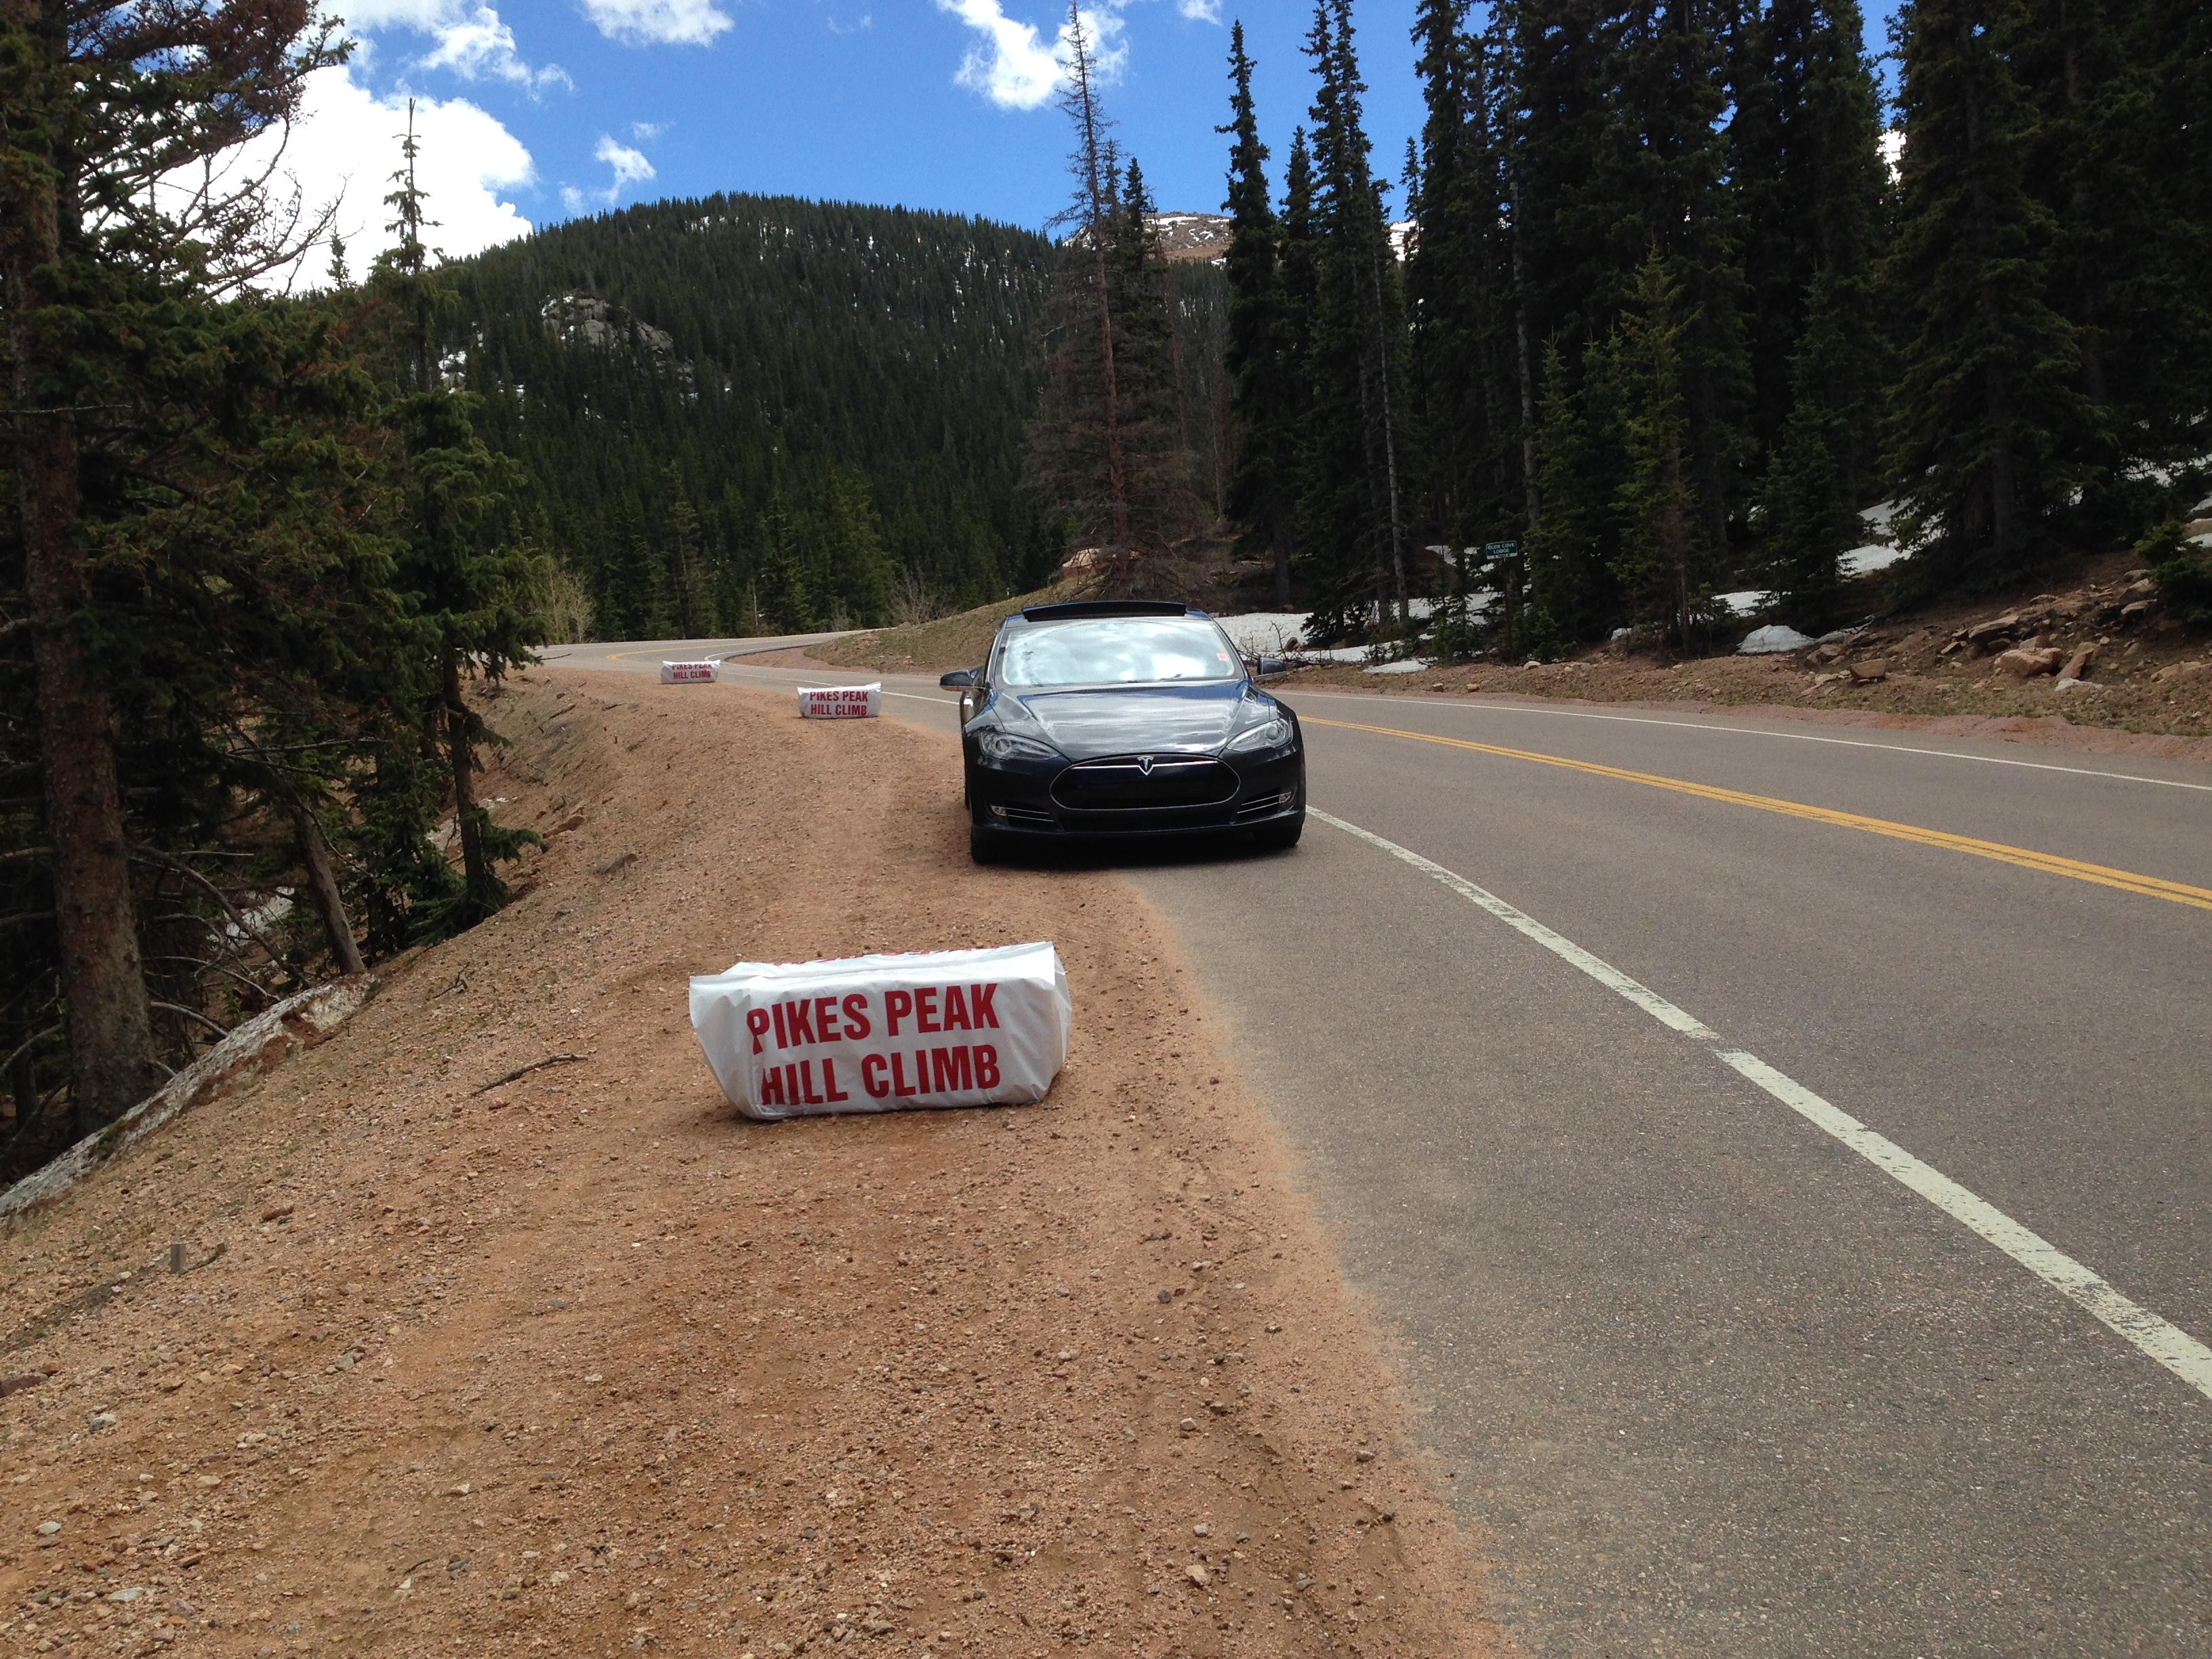 Tesla 2015-06-08 13.42.27 Pike's Peak Hill climb.jpg